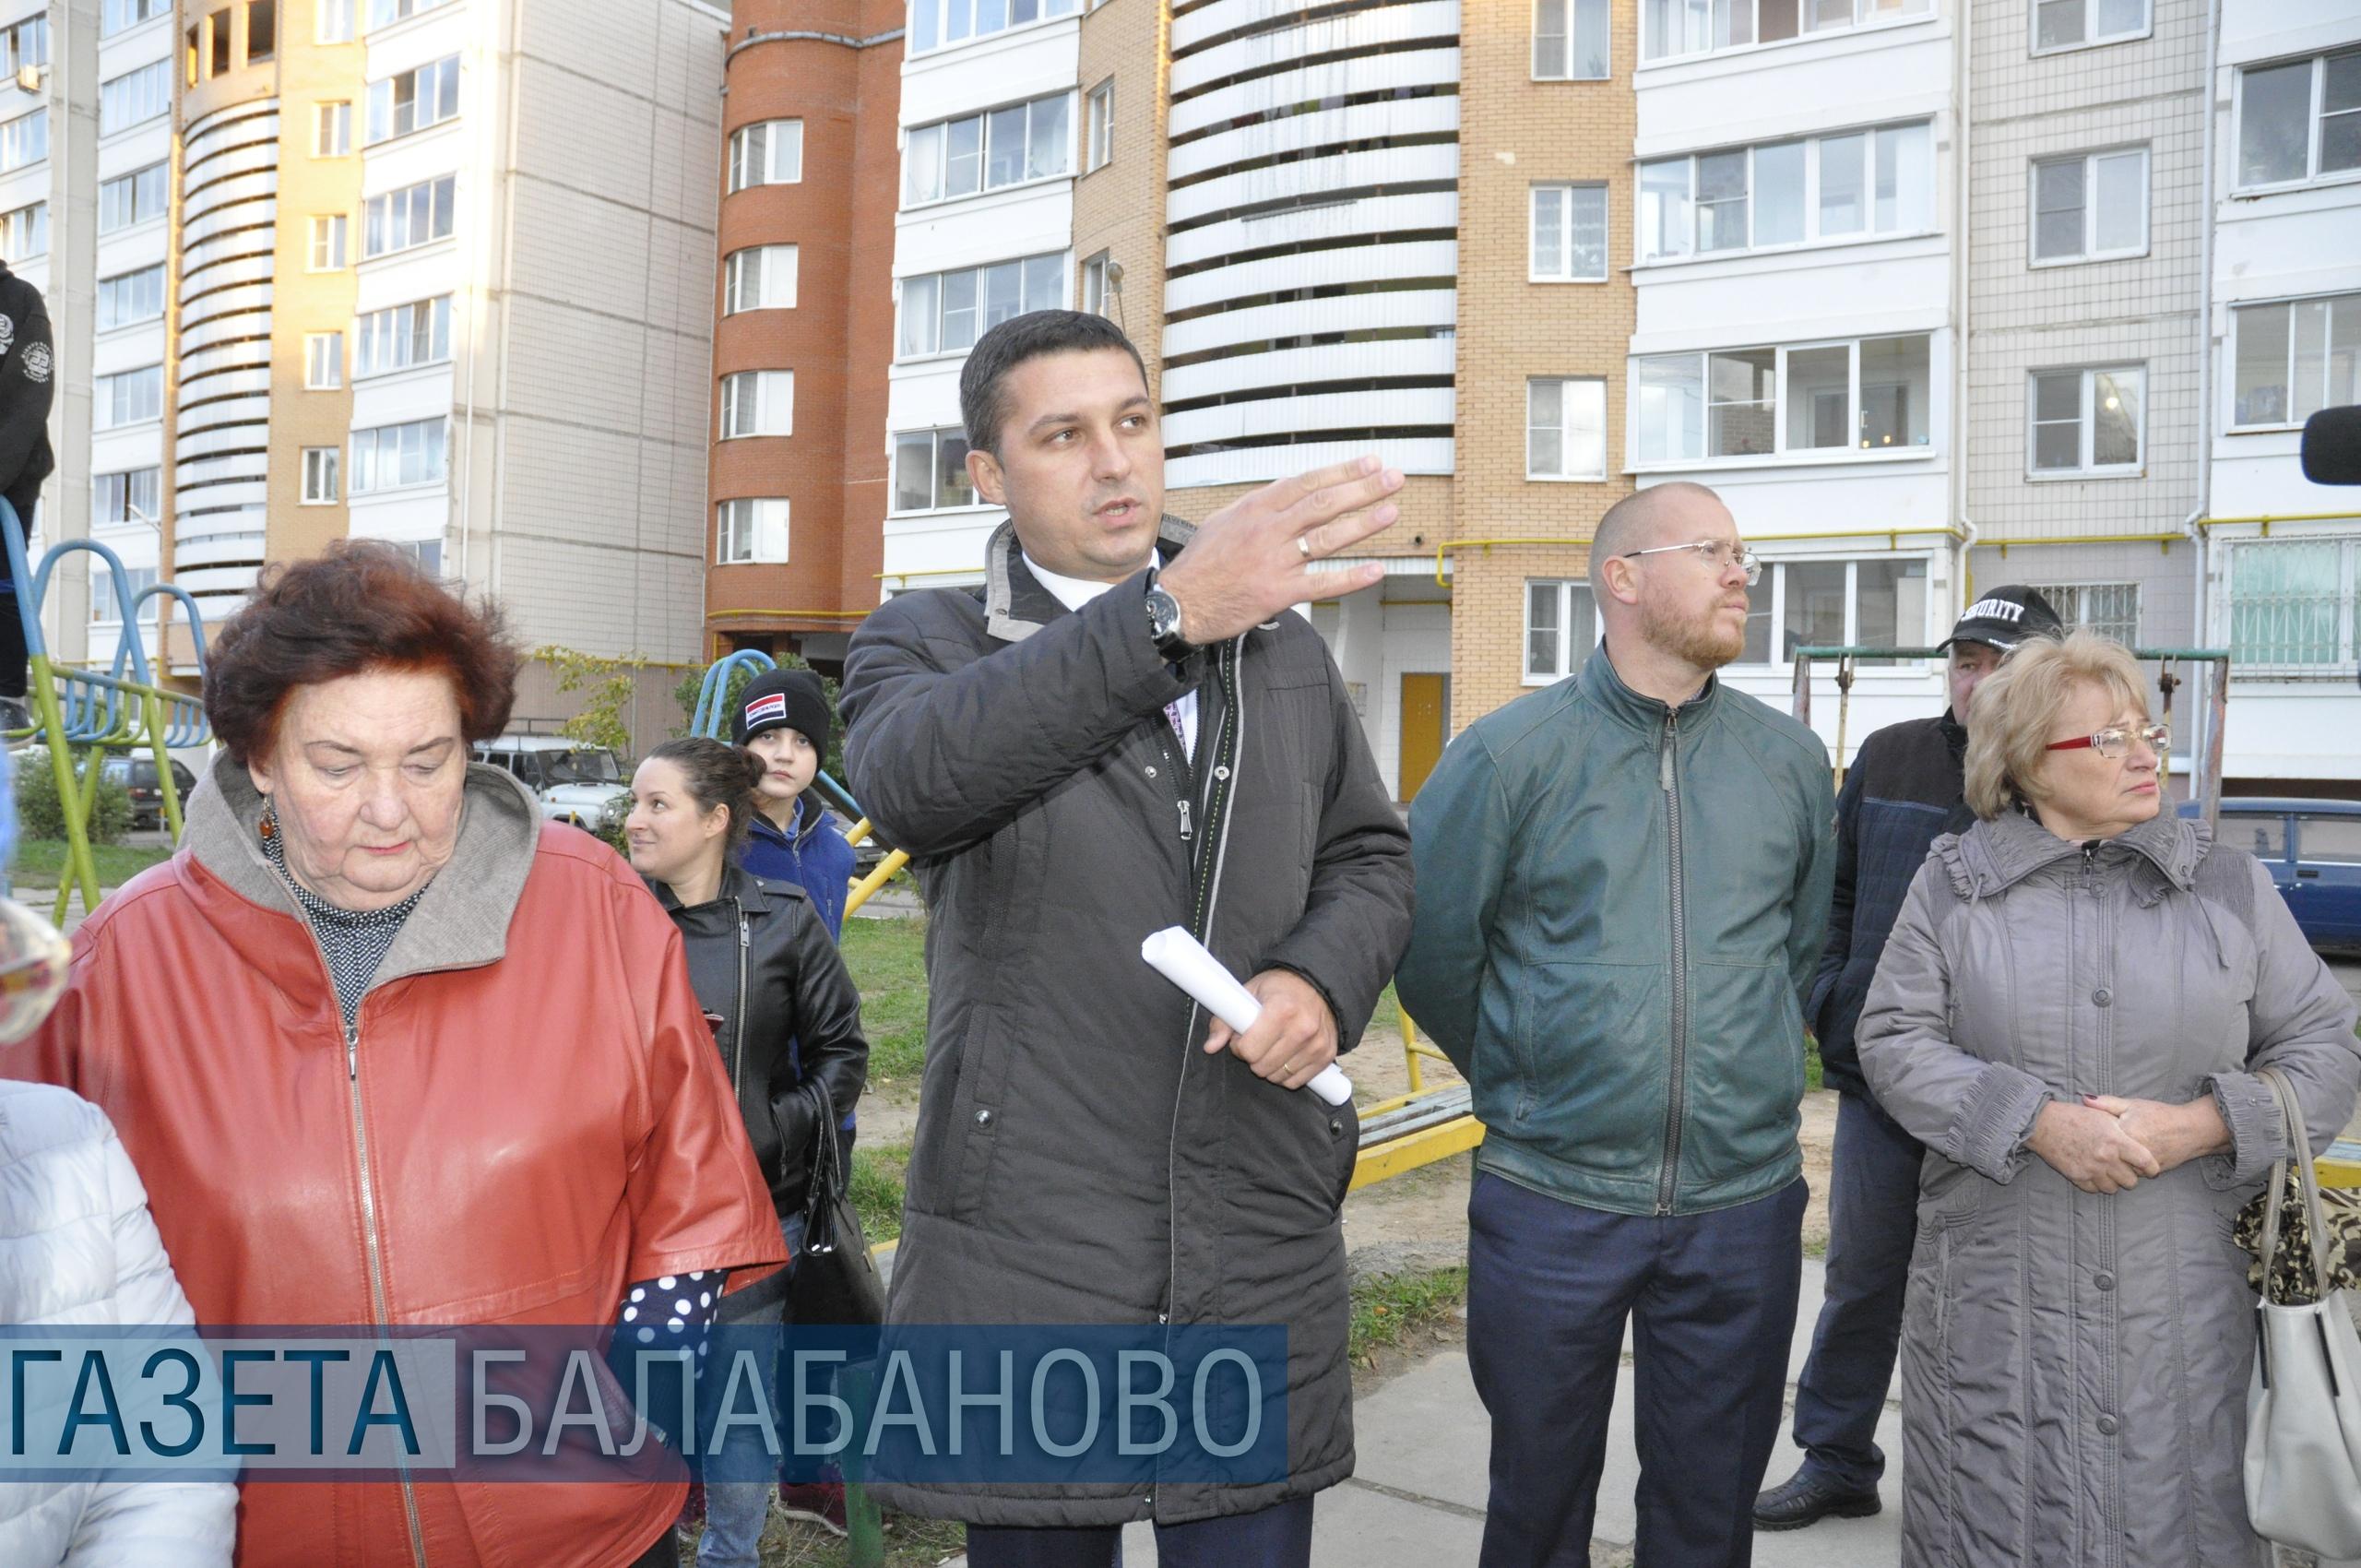 лава администрации г.Балабаново Вячеслав Парфёнов 25 сентября встретился с жителями домов №12, 12А, 14 по ул.Лесной.